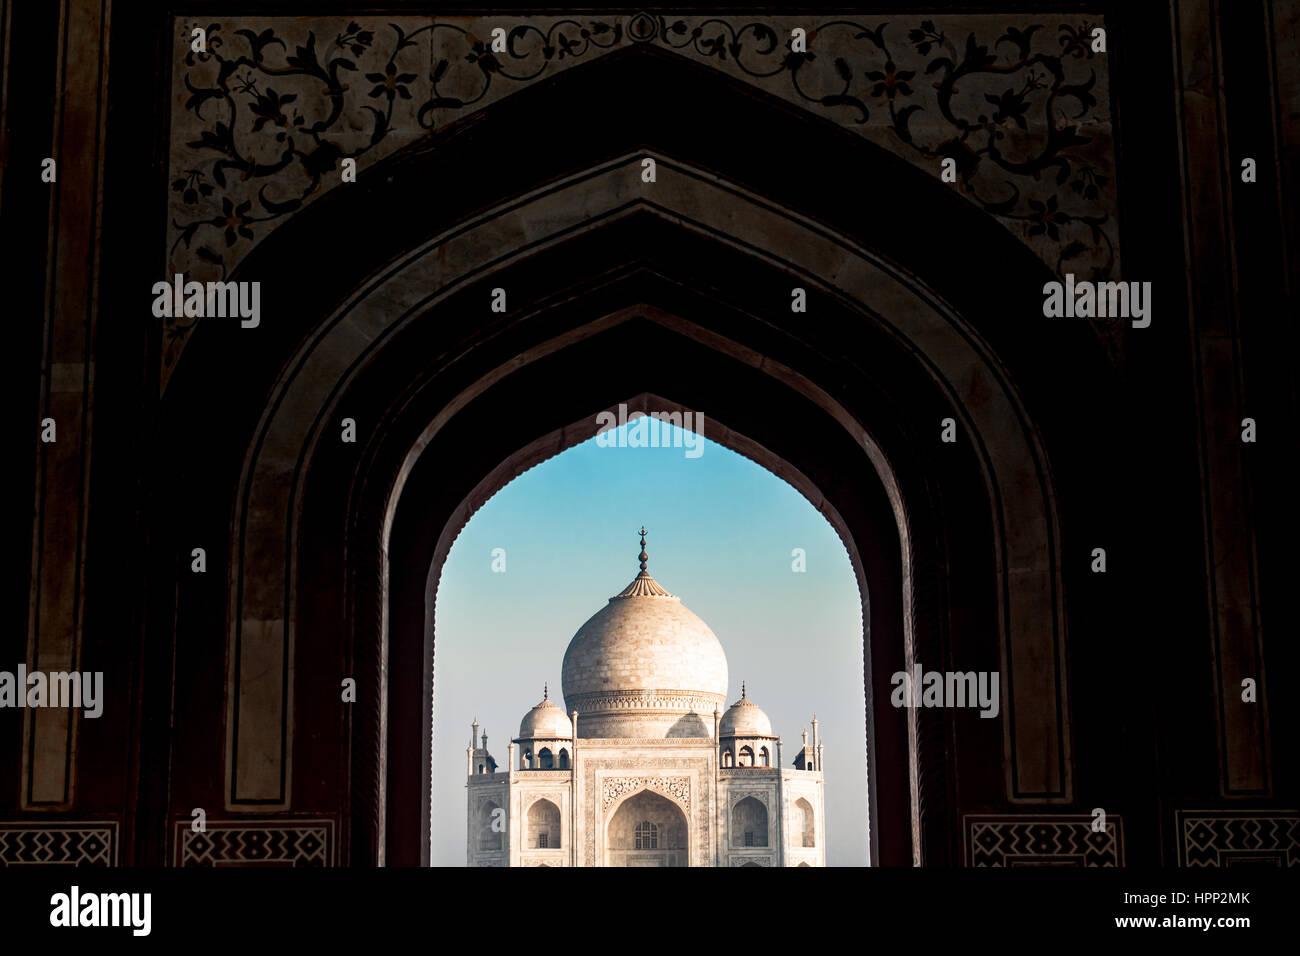 Punto di vista lontano del Taj Mahal dietro cancelli ingresso archi Immagini Stock